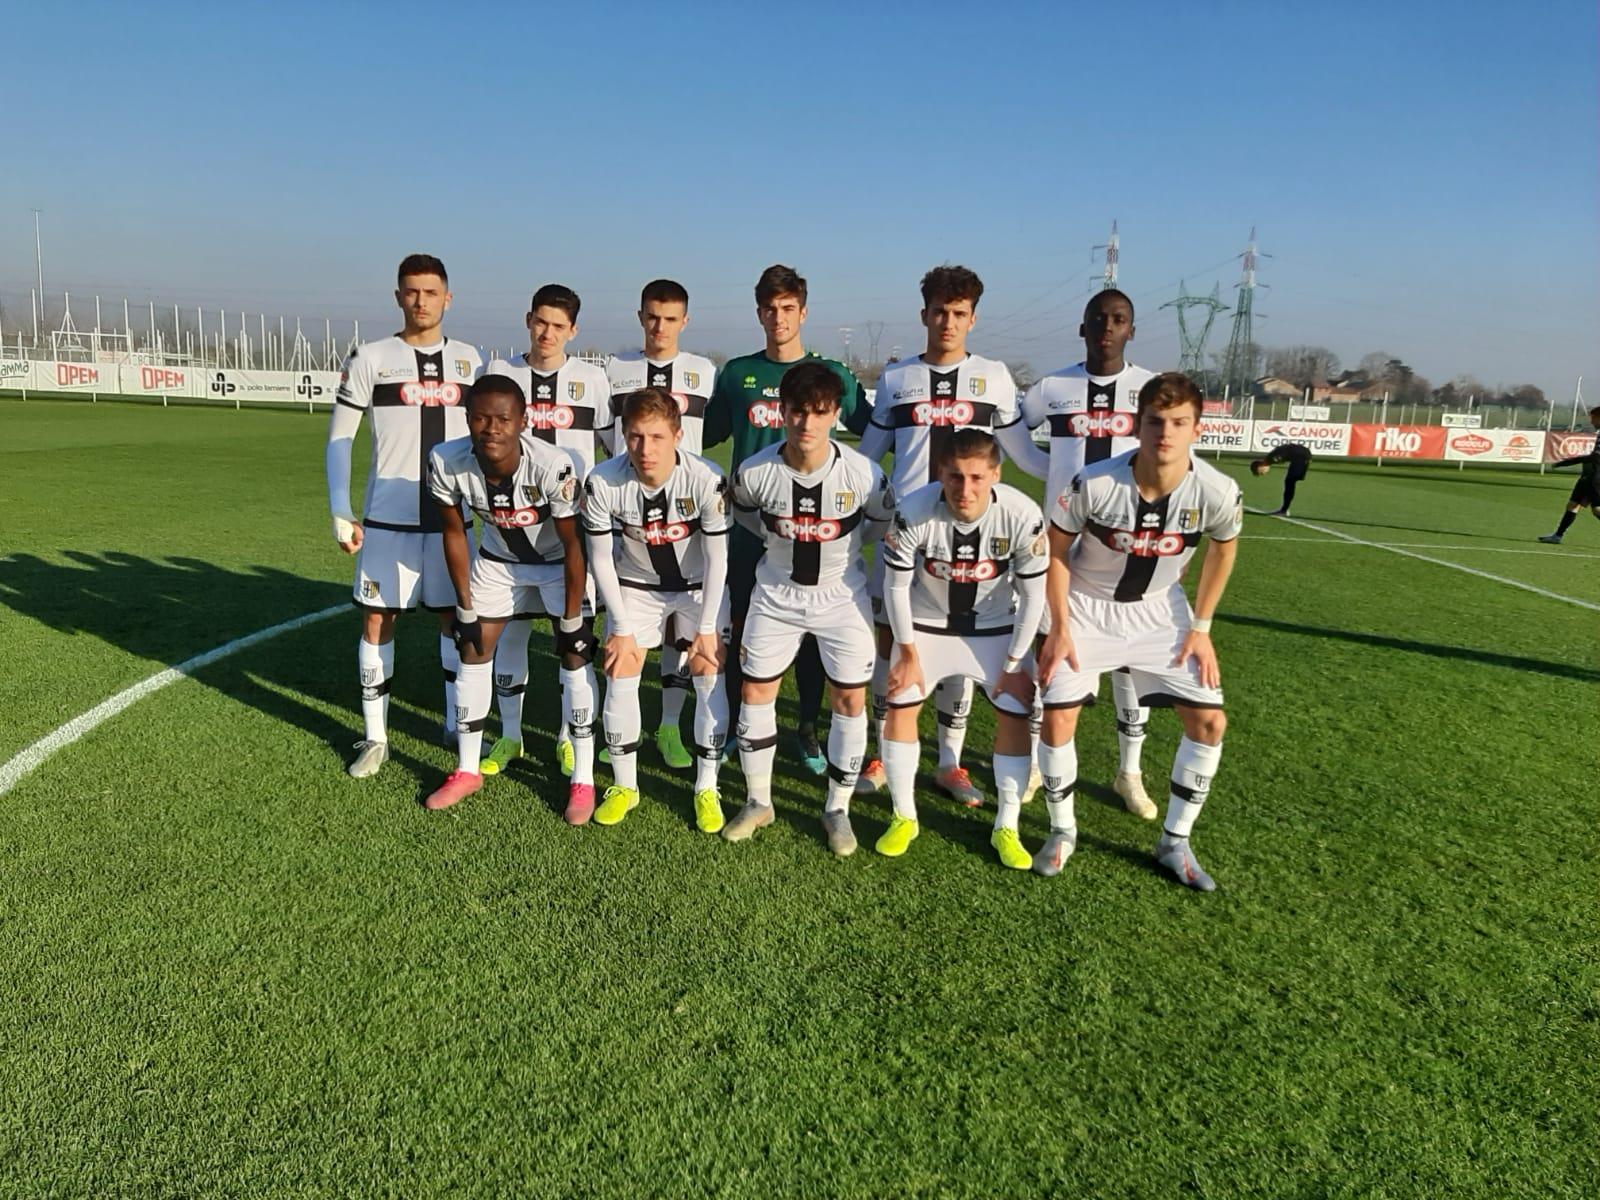 Primavera 2 Parma-Spezia 07 12 2019